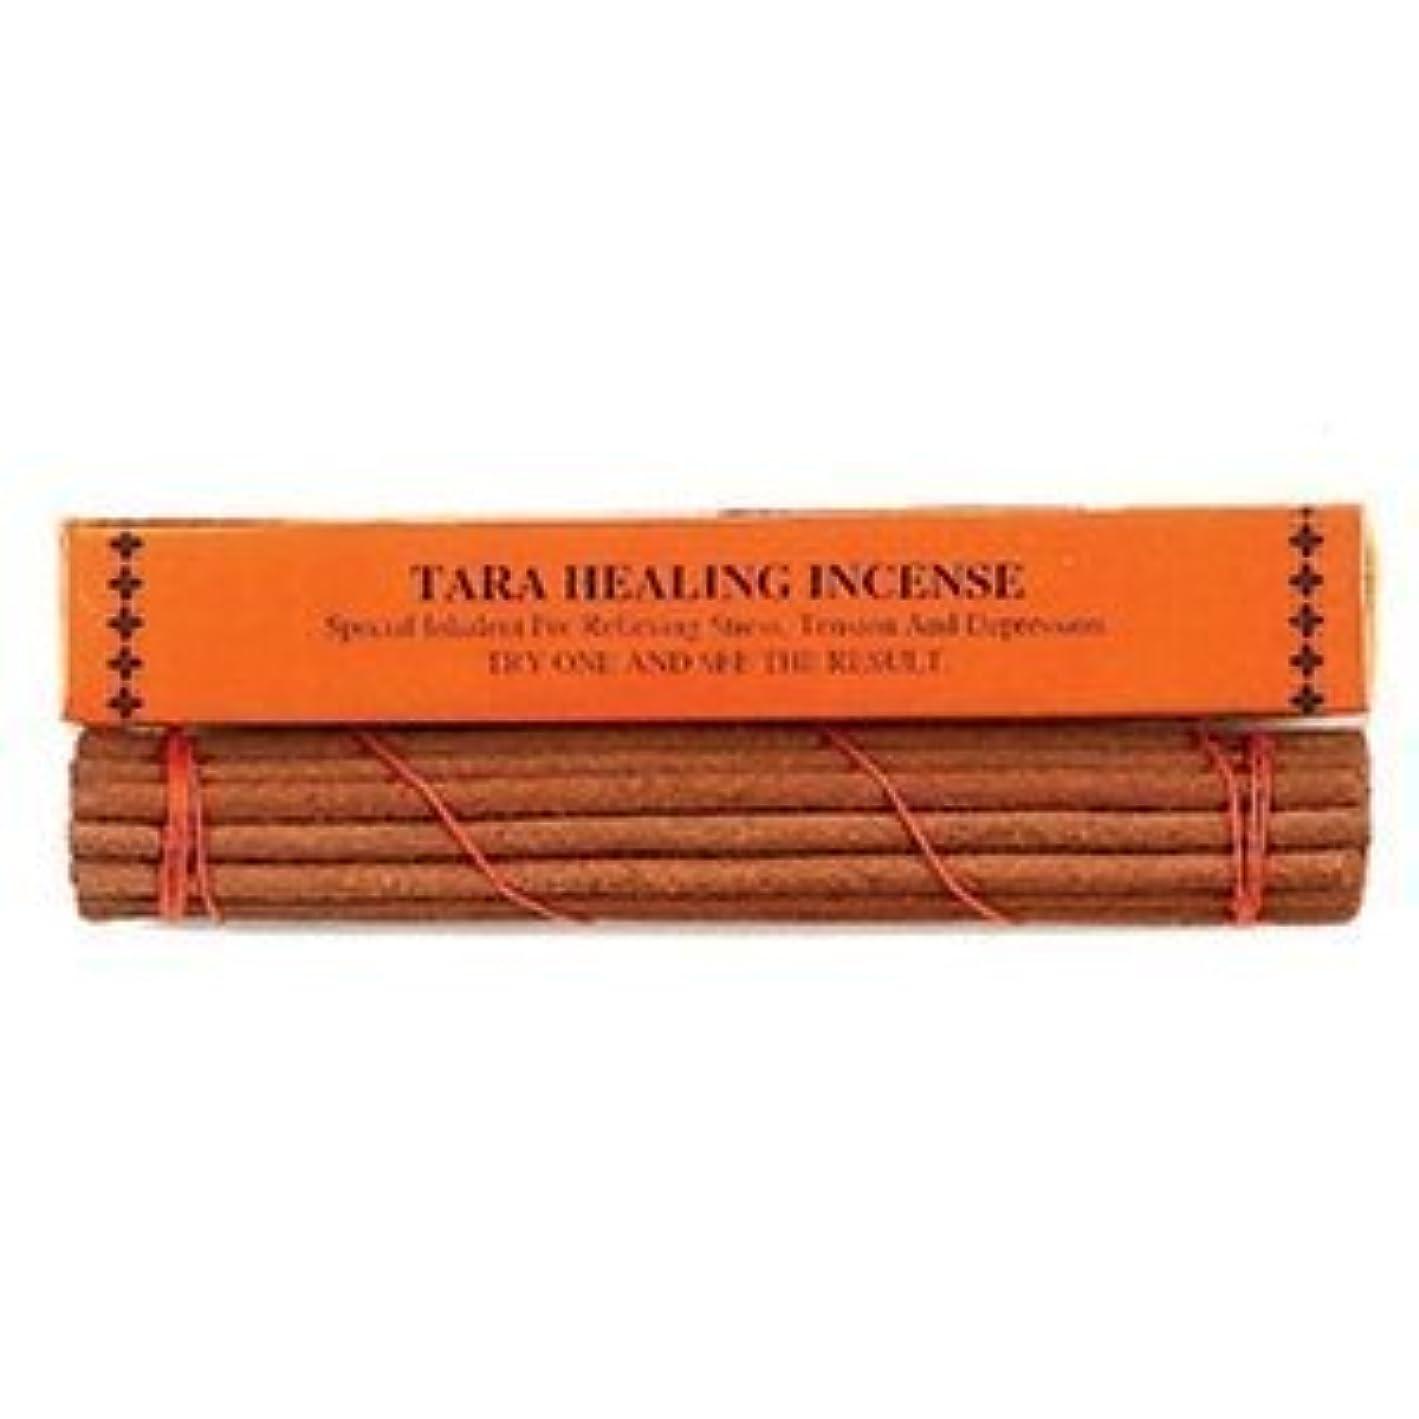 外交問題アクセサリー周術期Tara Healing Tibetan Incense Sticks by Om Imports